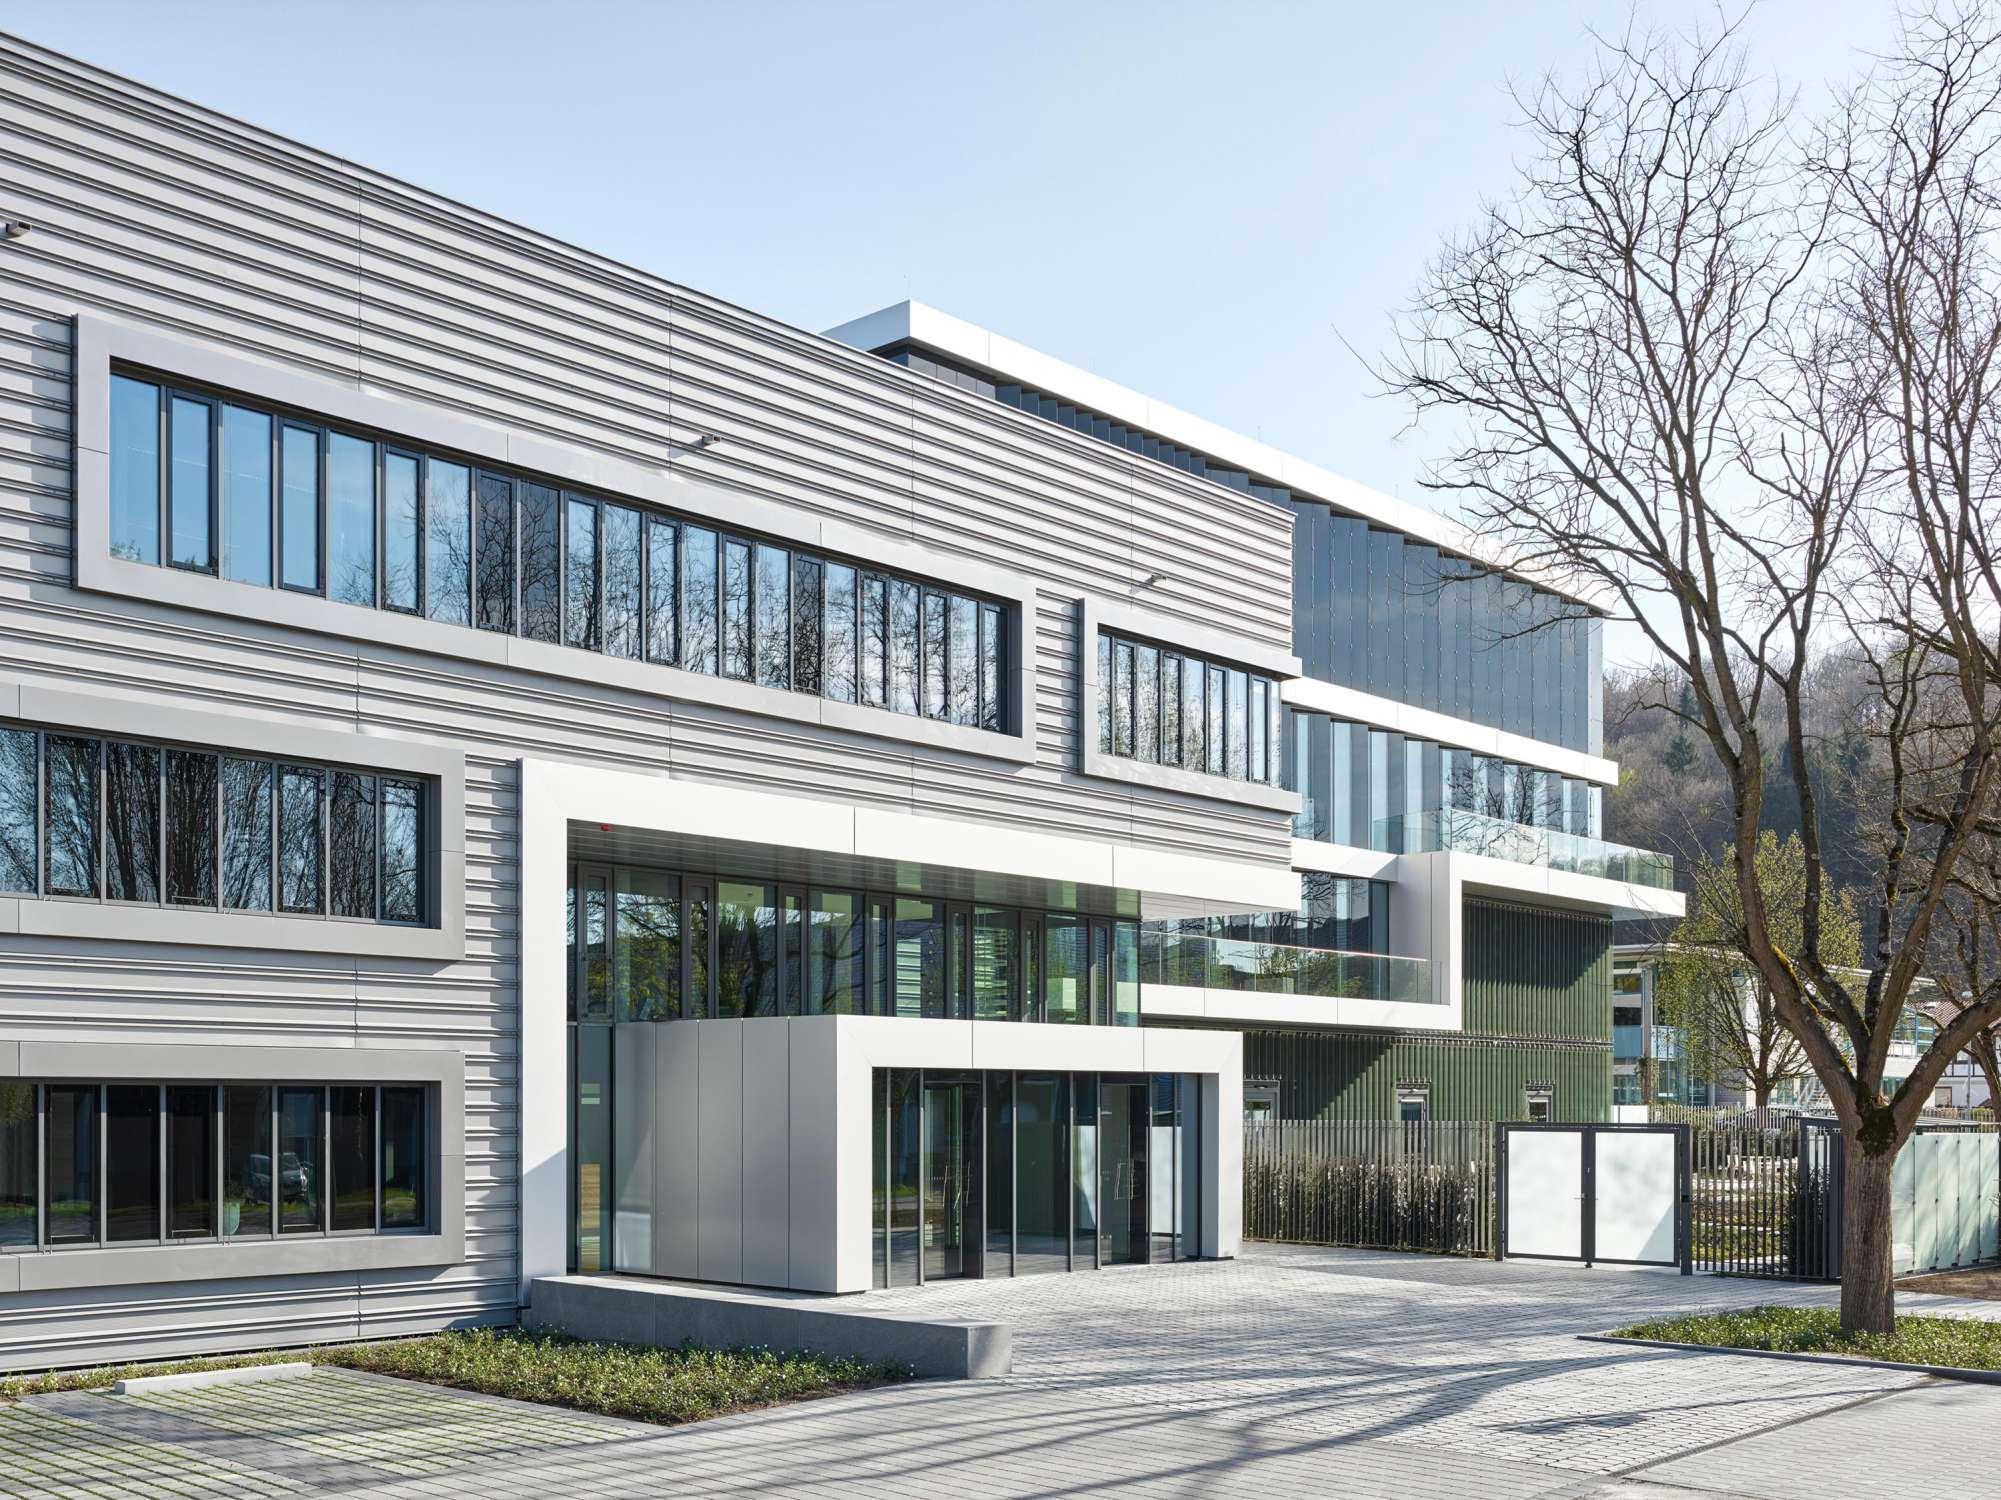 Verwaltungs- und Infrastrukturgebäude (1)